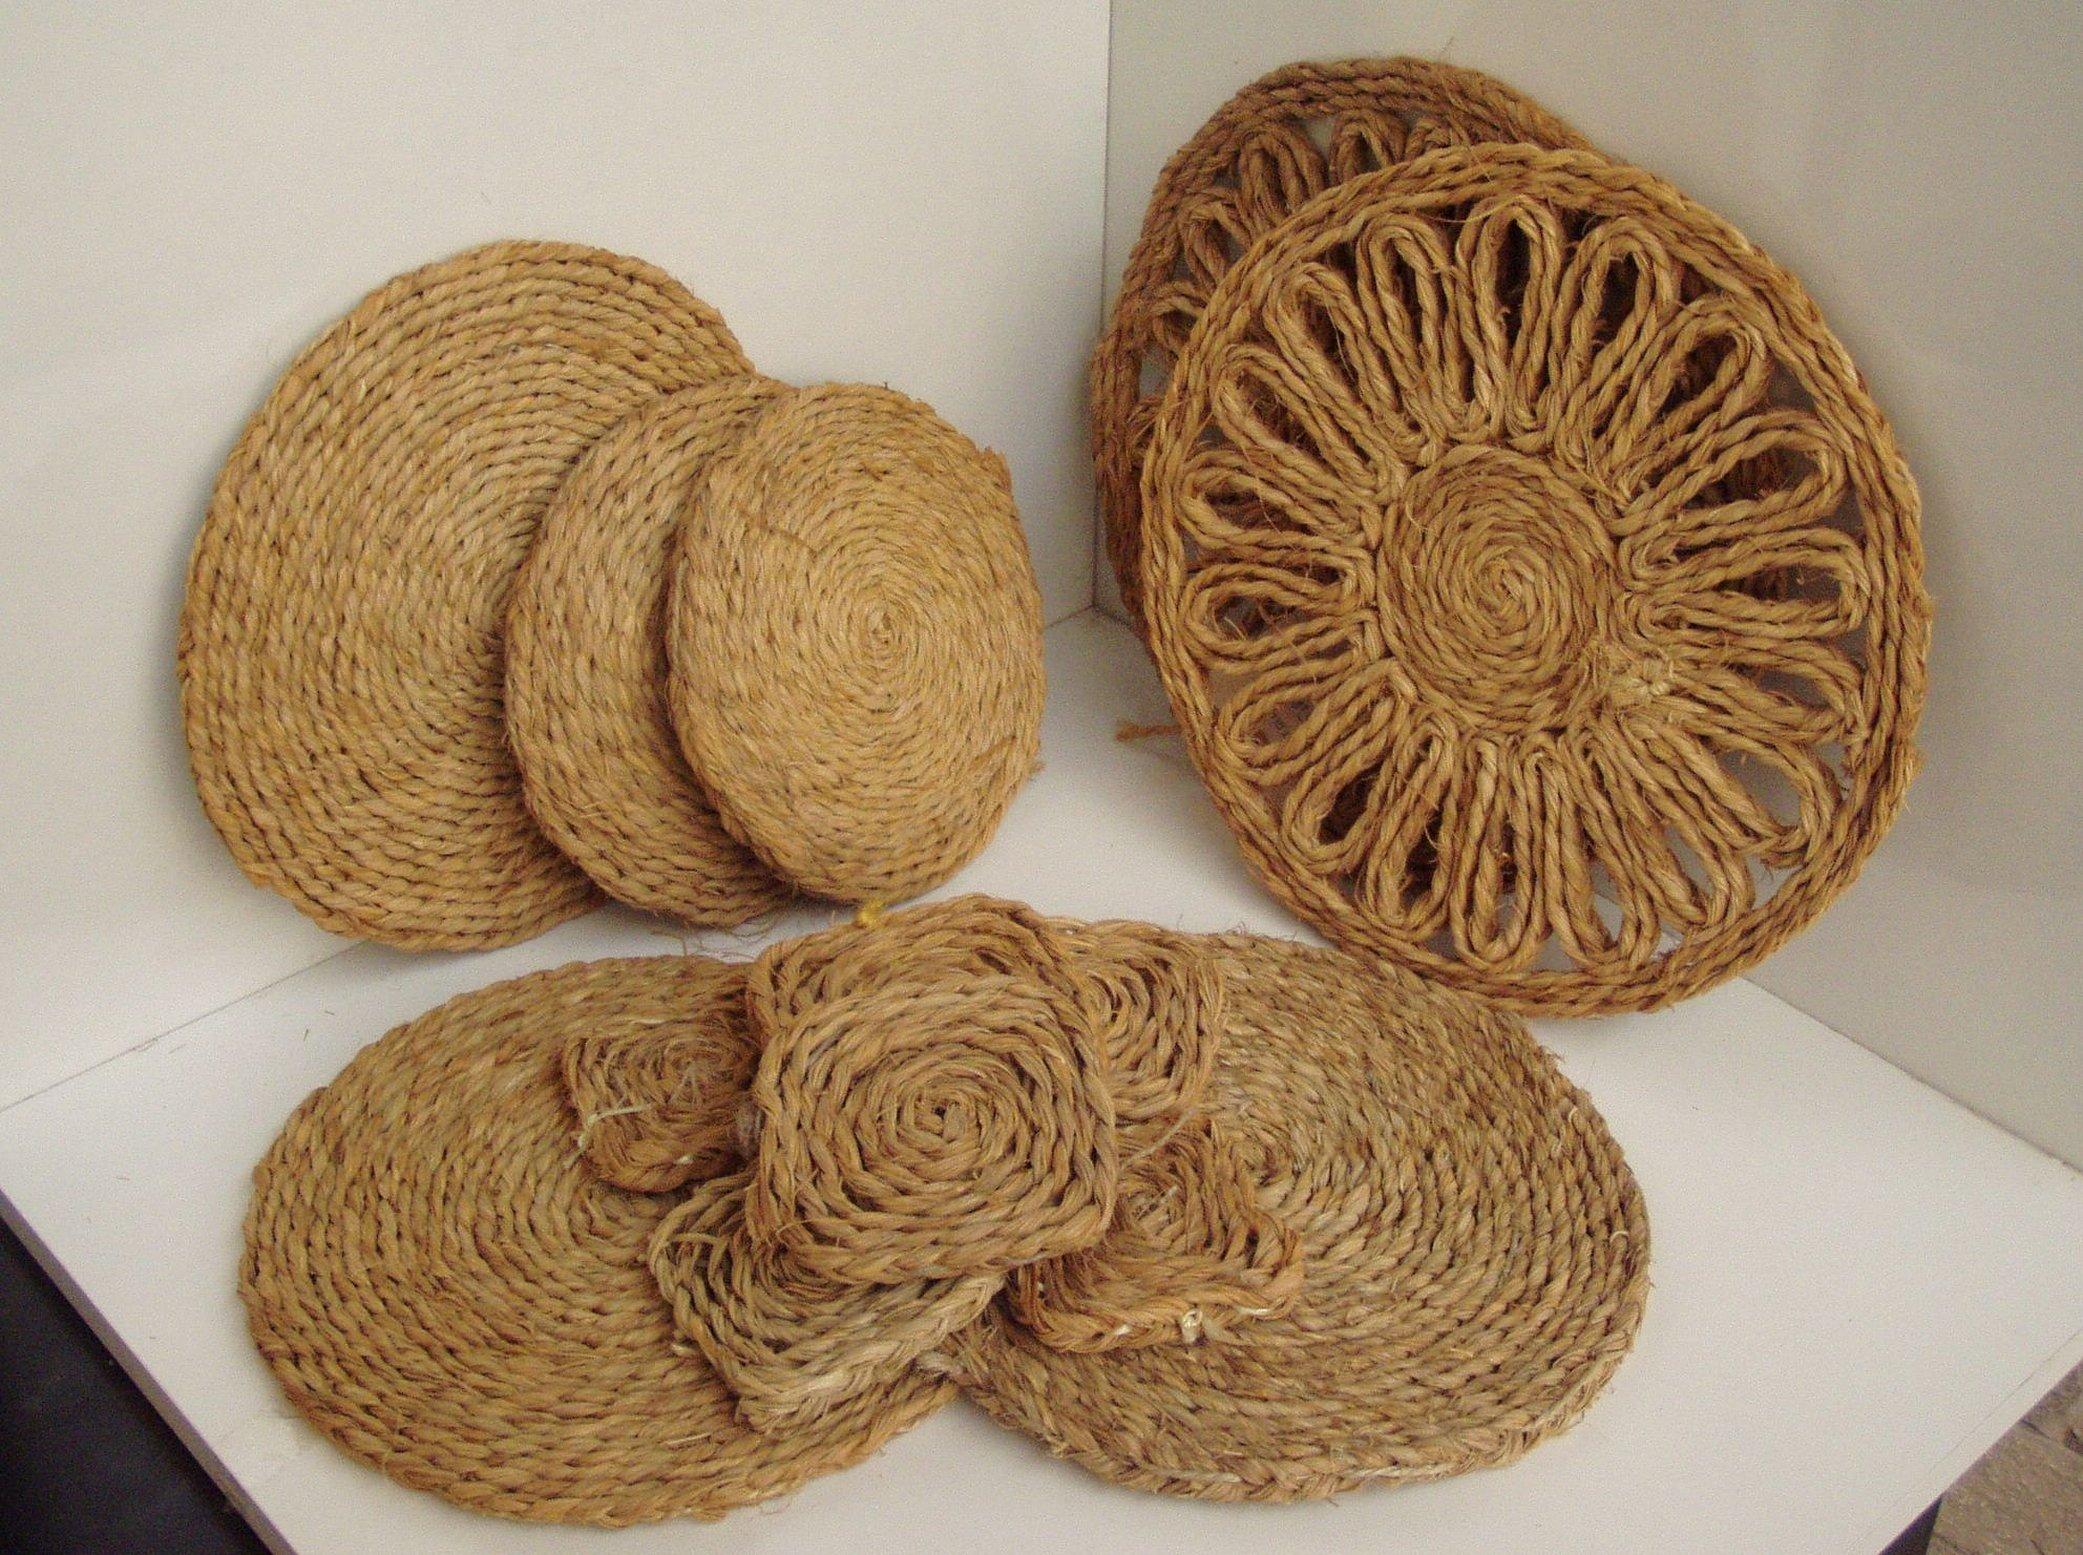 Коврик из джутовой веревки плетеный